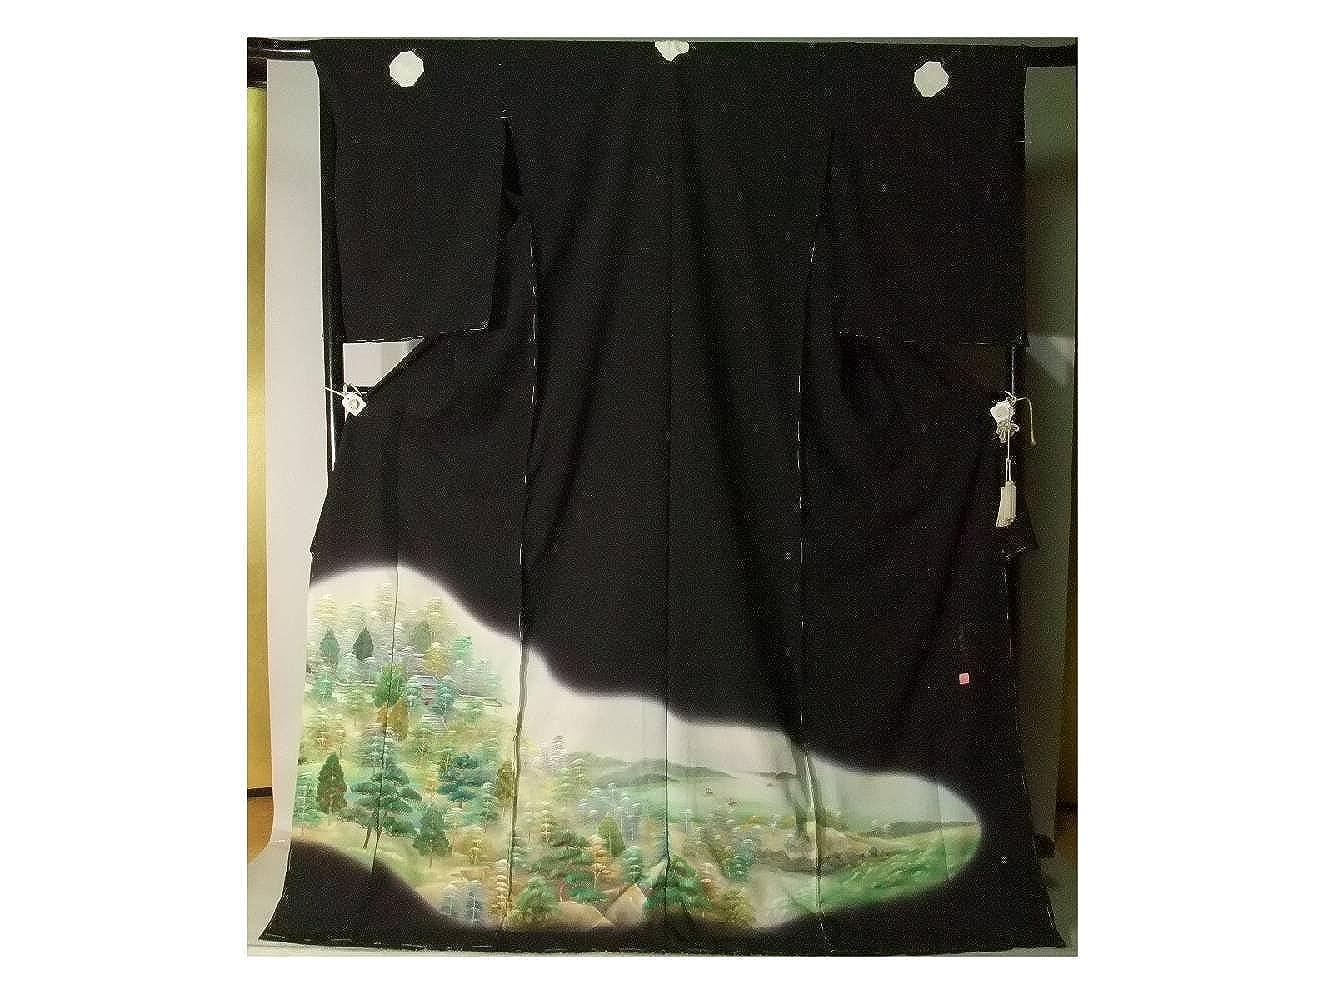 留袖 黒留袖 お仕立て付き 上品な手描山水文様柄 京友禅 比翼仕立て to097s B079TKGTXG